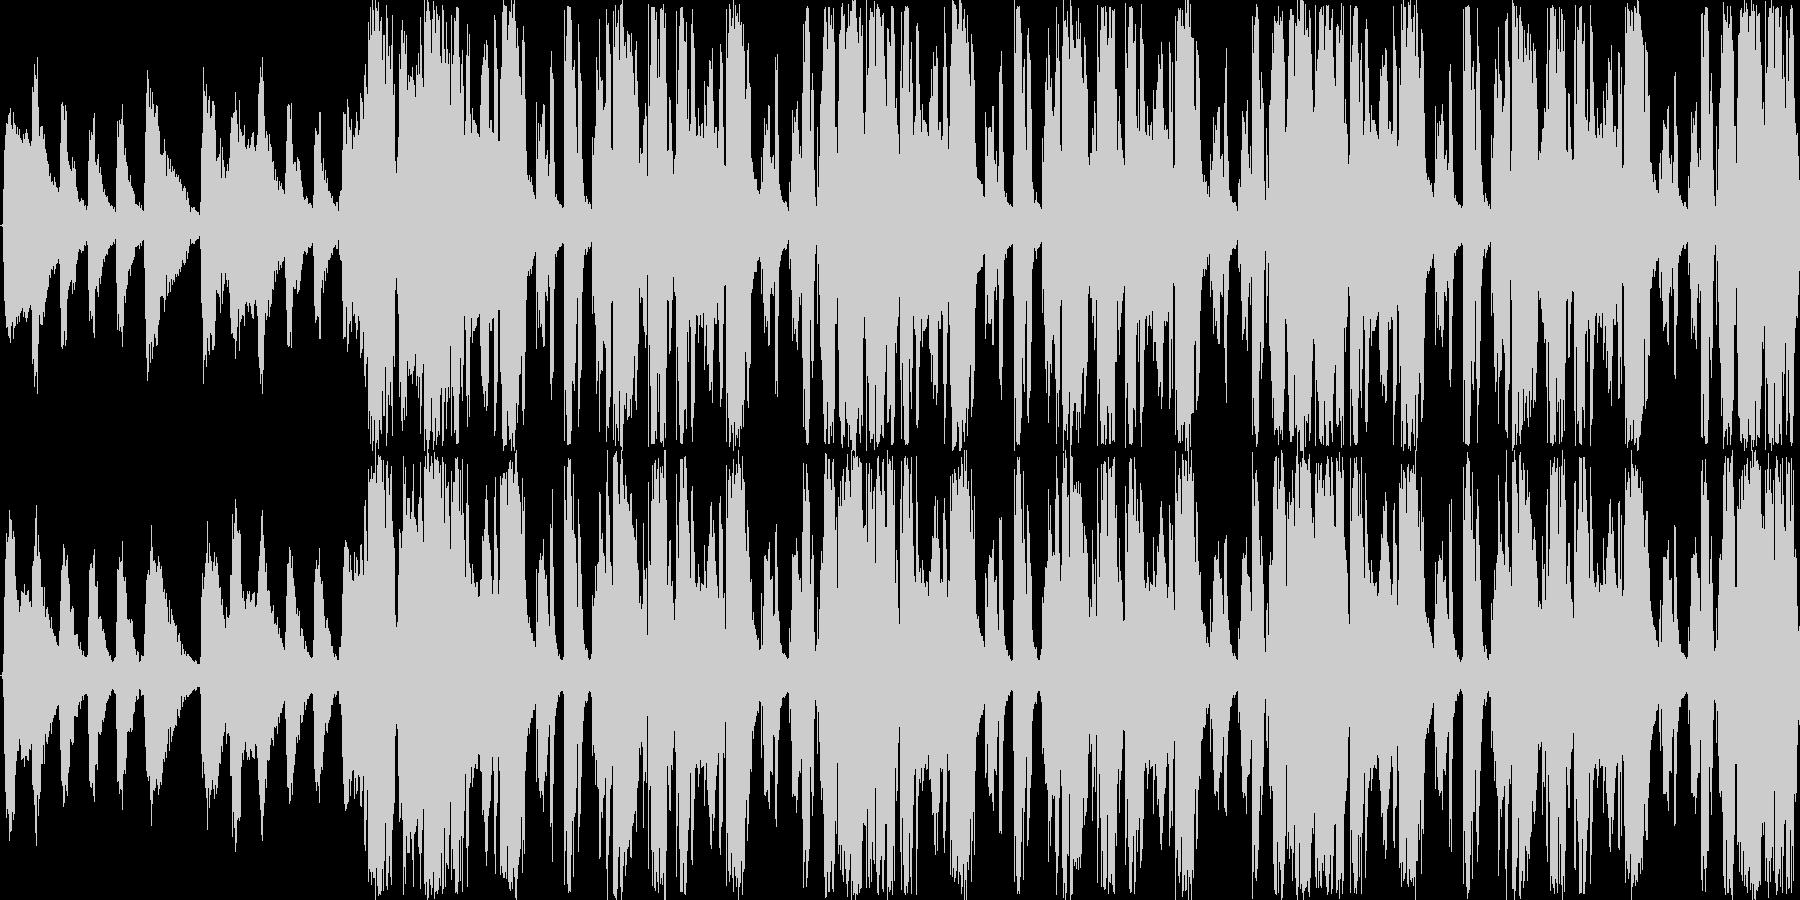 【ストリングス/ヒップホップ】の未再生の波形